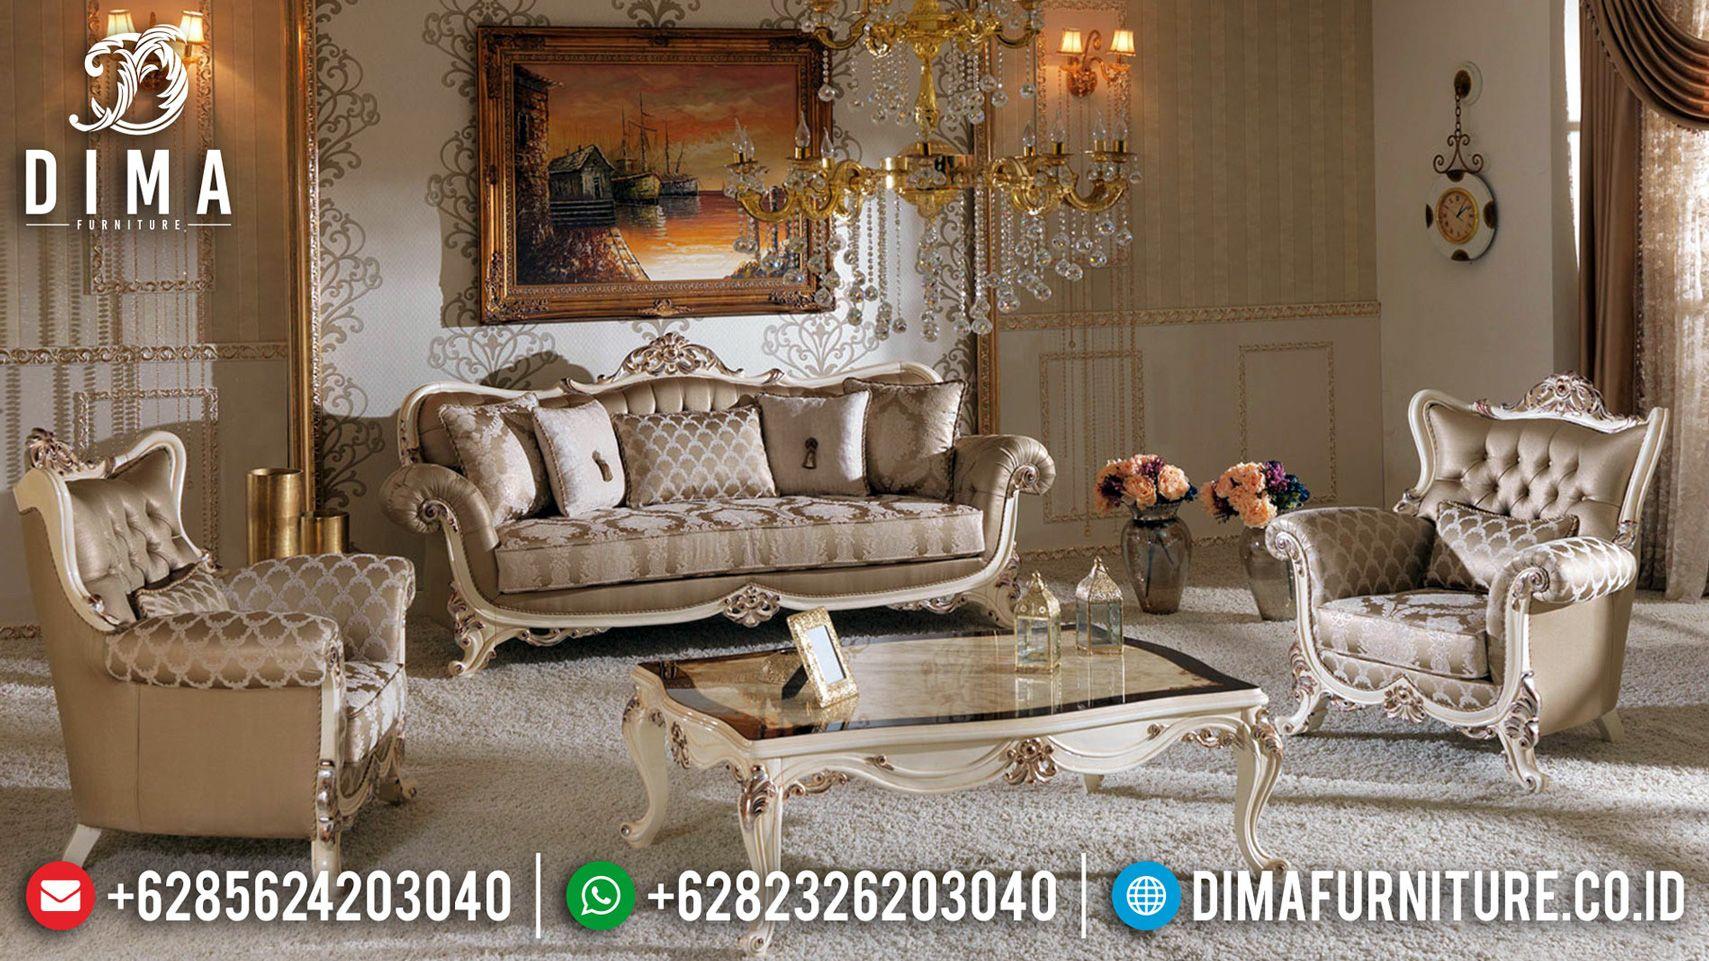 Sofa Tamu Mewah Geraldine Ukiran Classic Jepara Luxury Design Mmj 0539 Di 2020 Kamar Dekor Interior Klasik Mebel